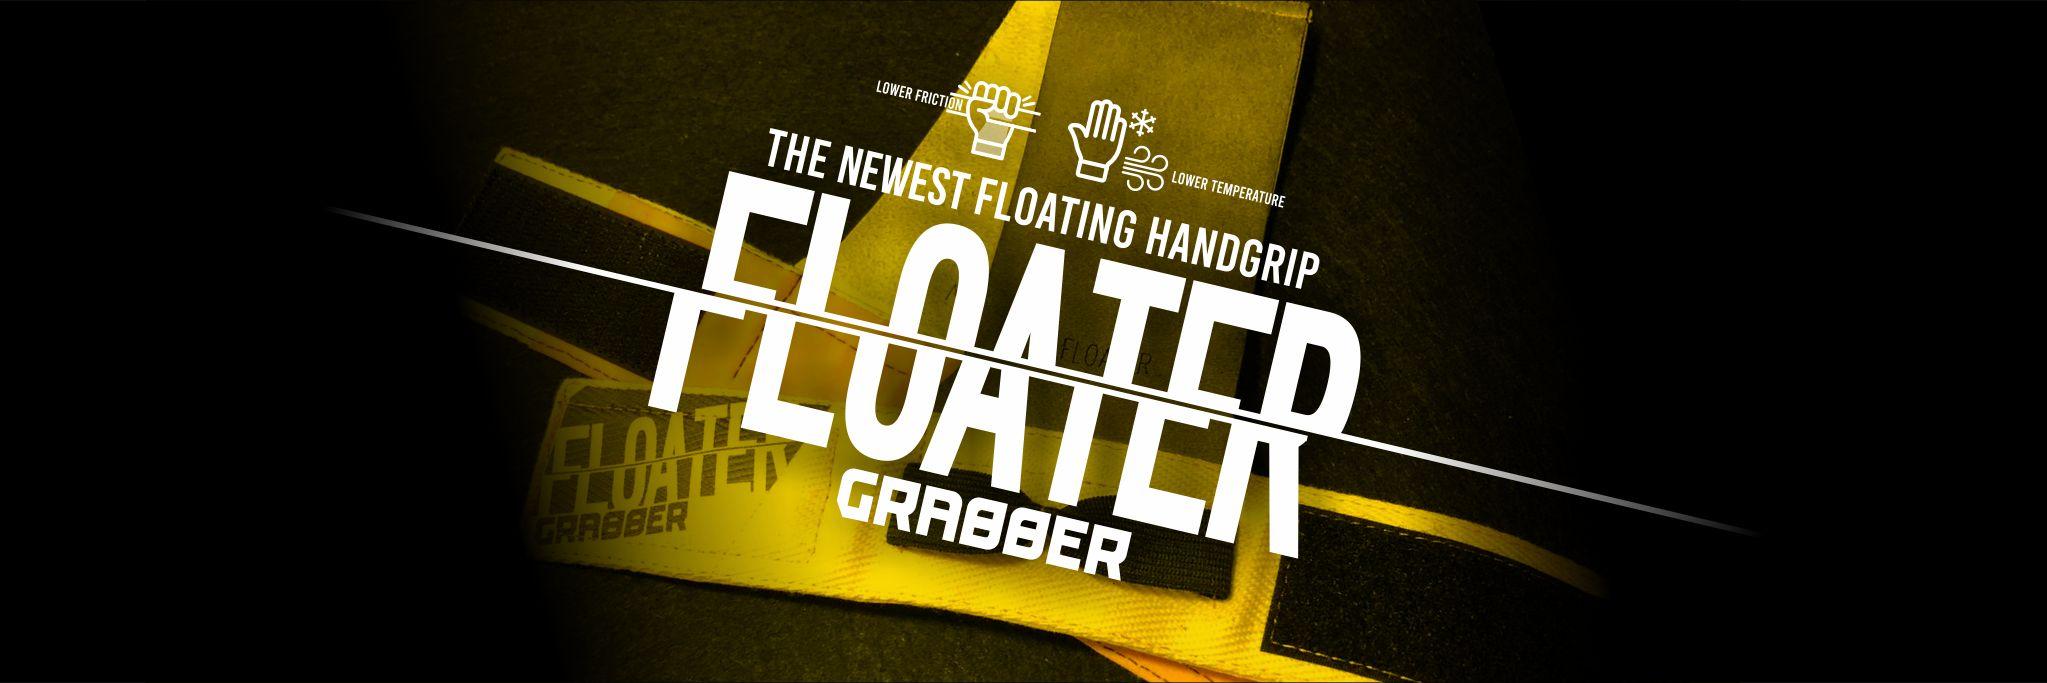 banner-floater-grabber